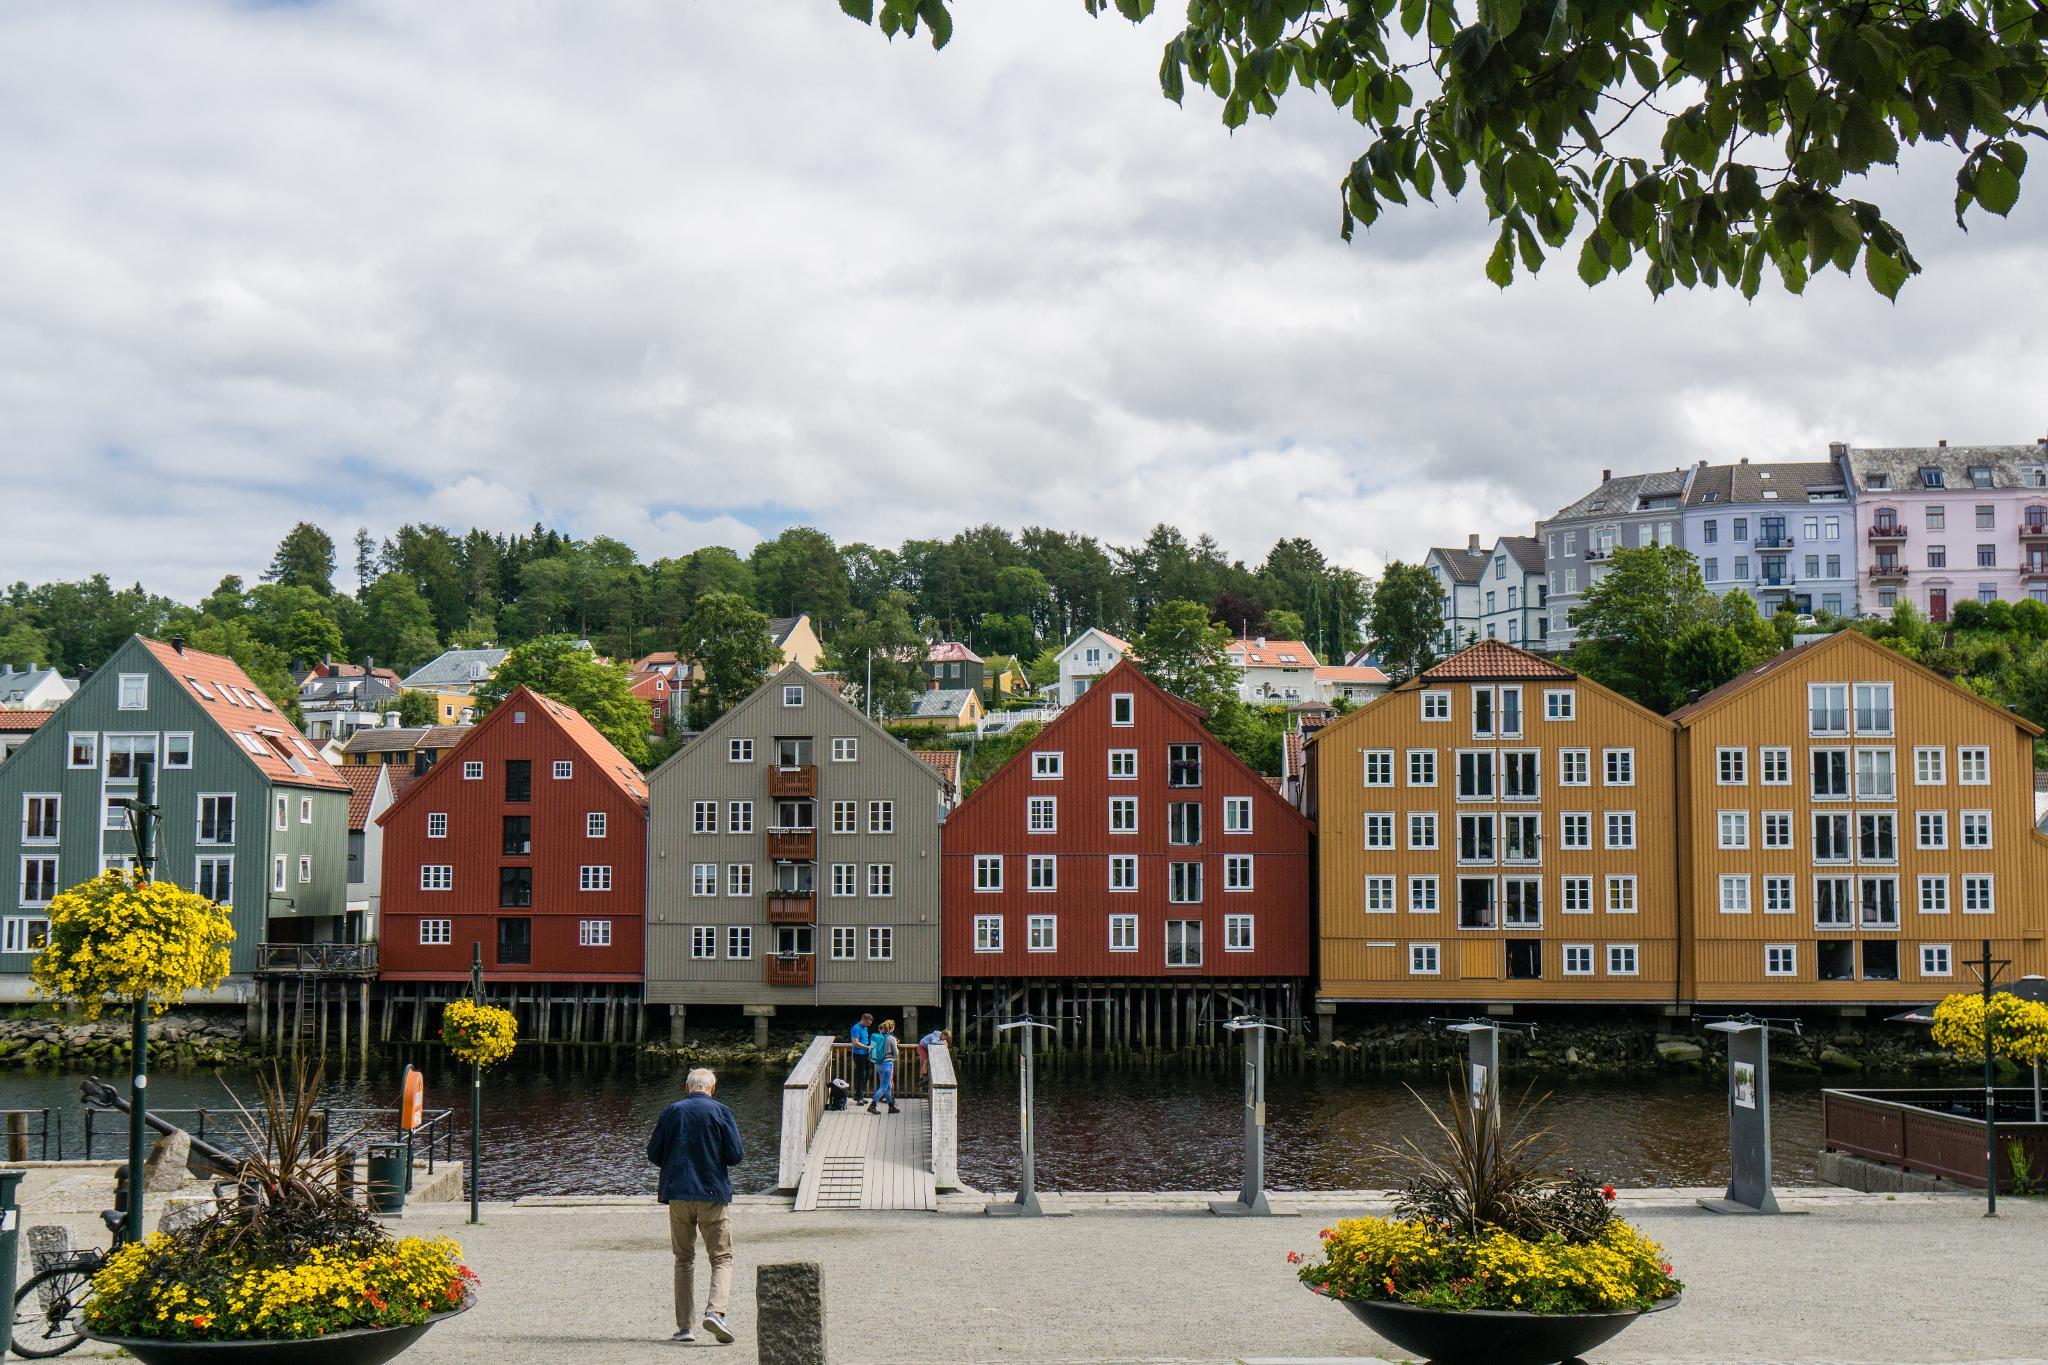 【北歐景點】拜訪維京王的千年古城 - Trondheim 特隆赫姆景點懶人包 38